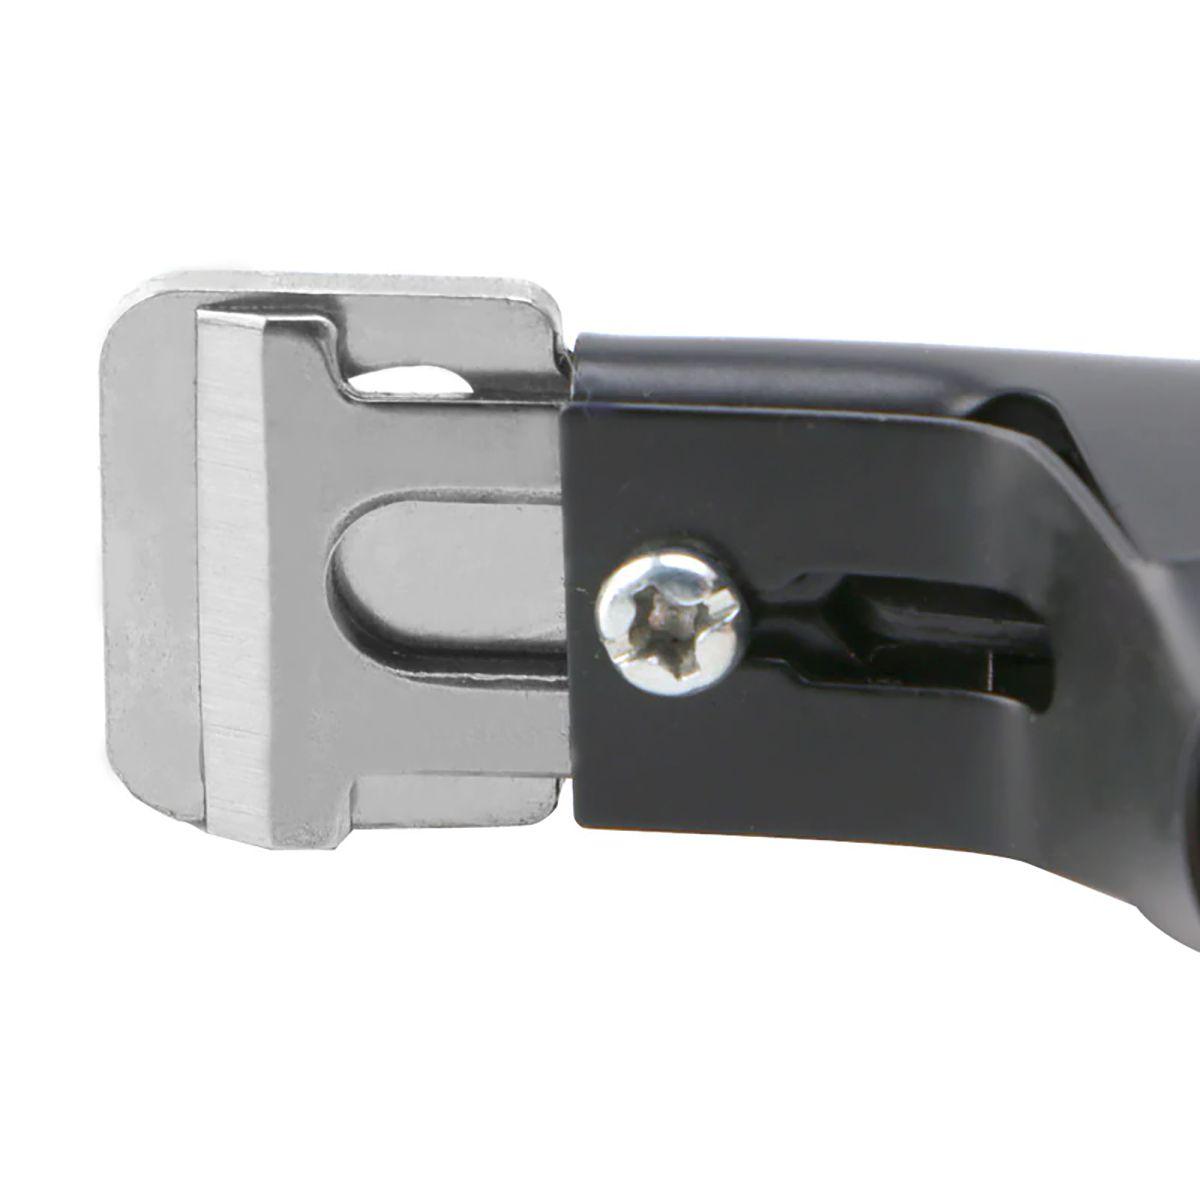 Alicate cortador de unhas Tips guilhotina acrigel gel uv